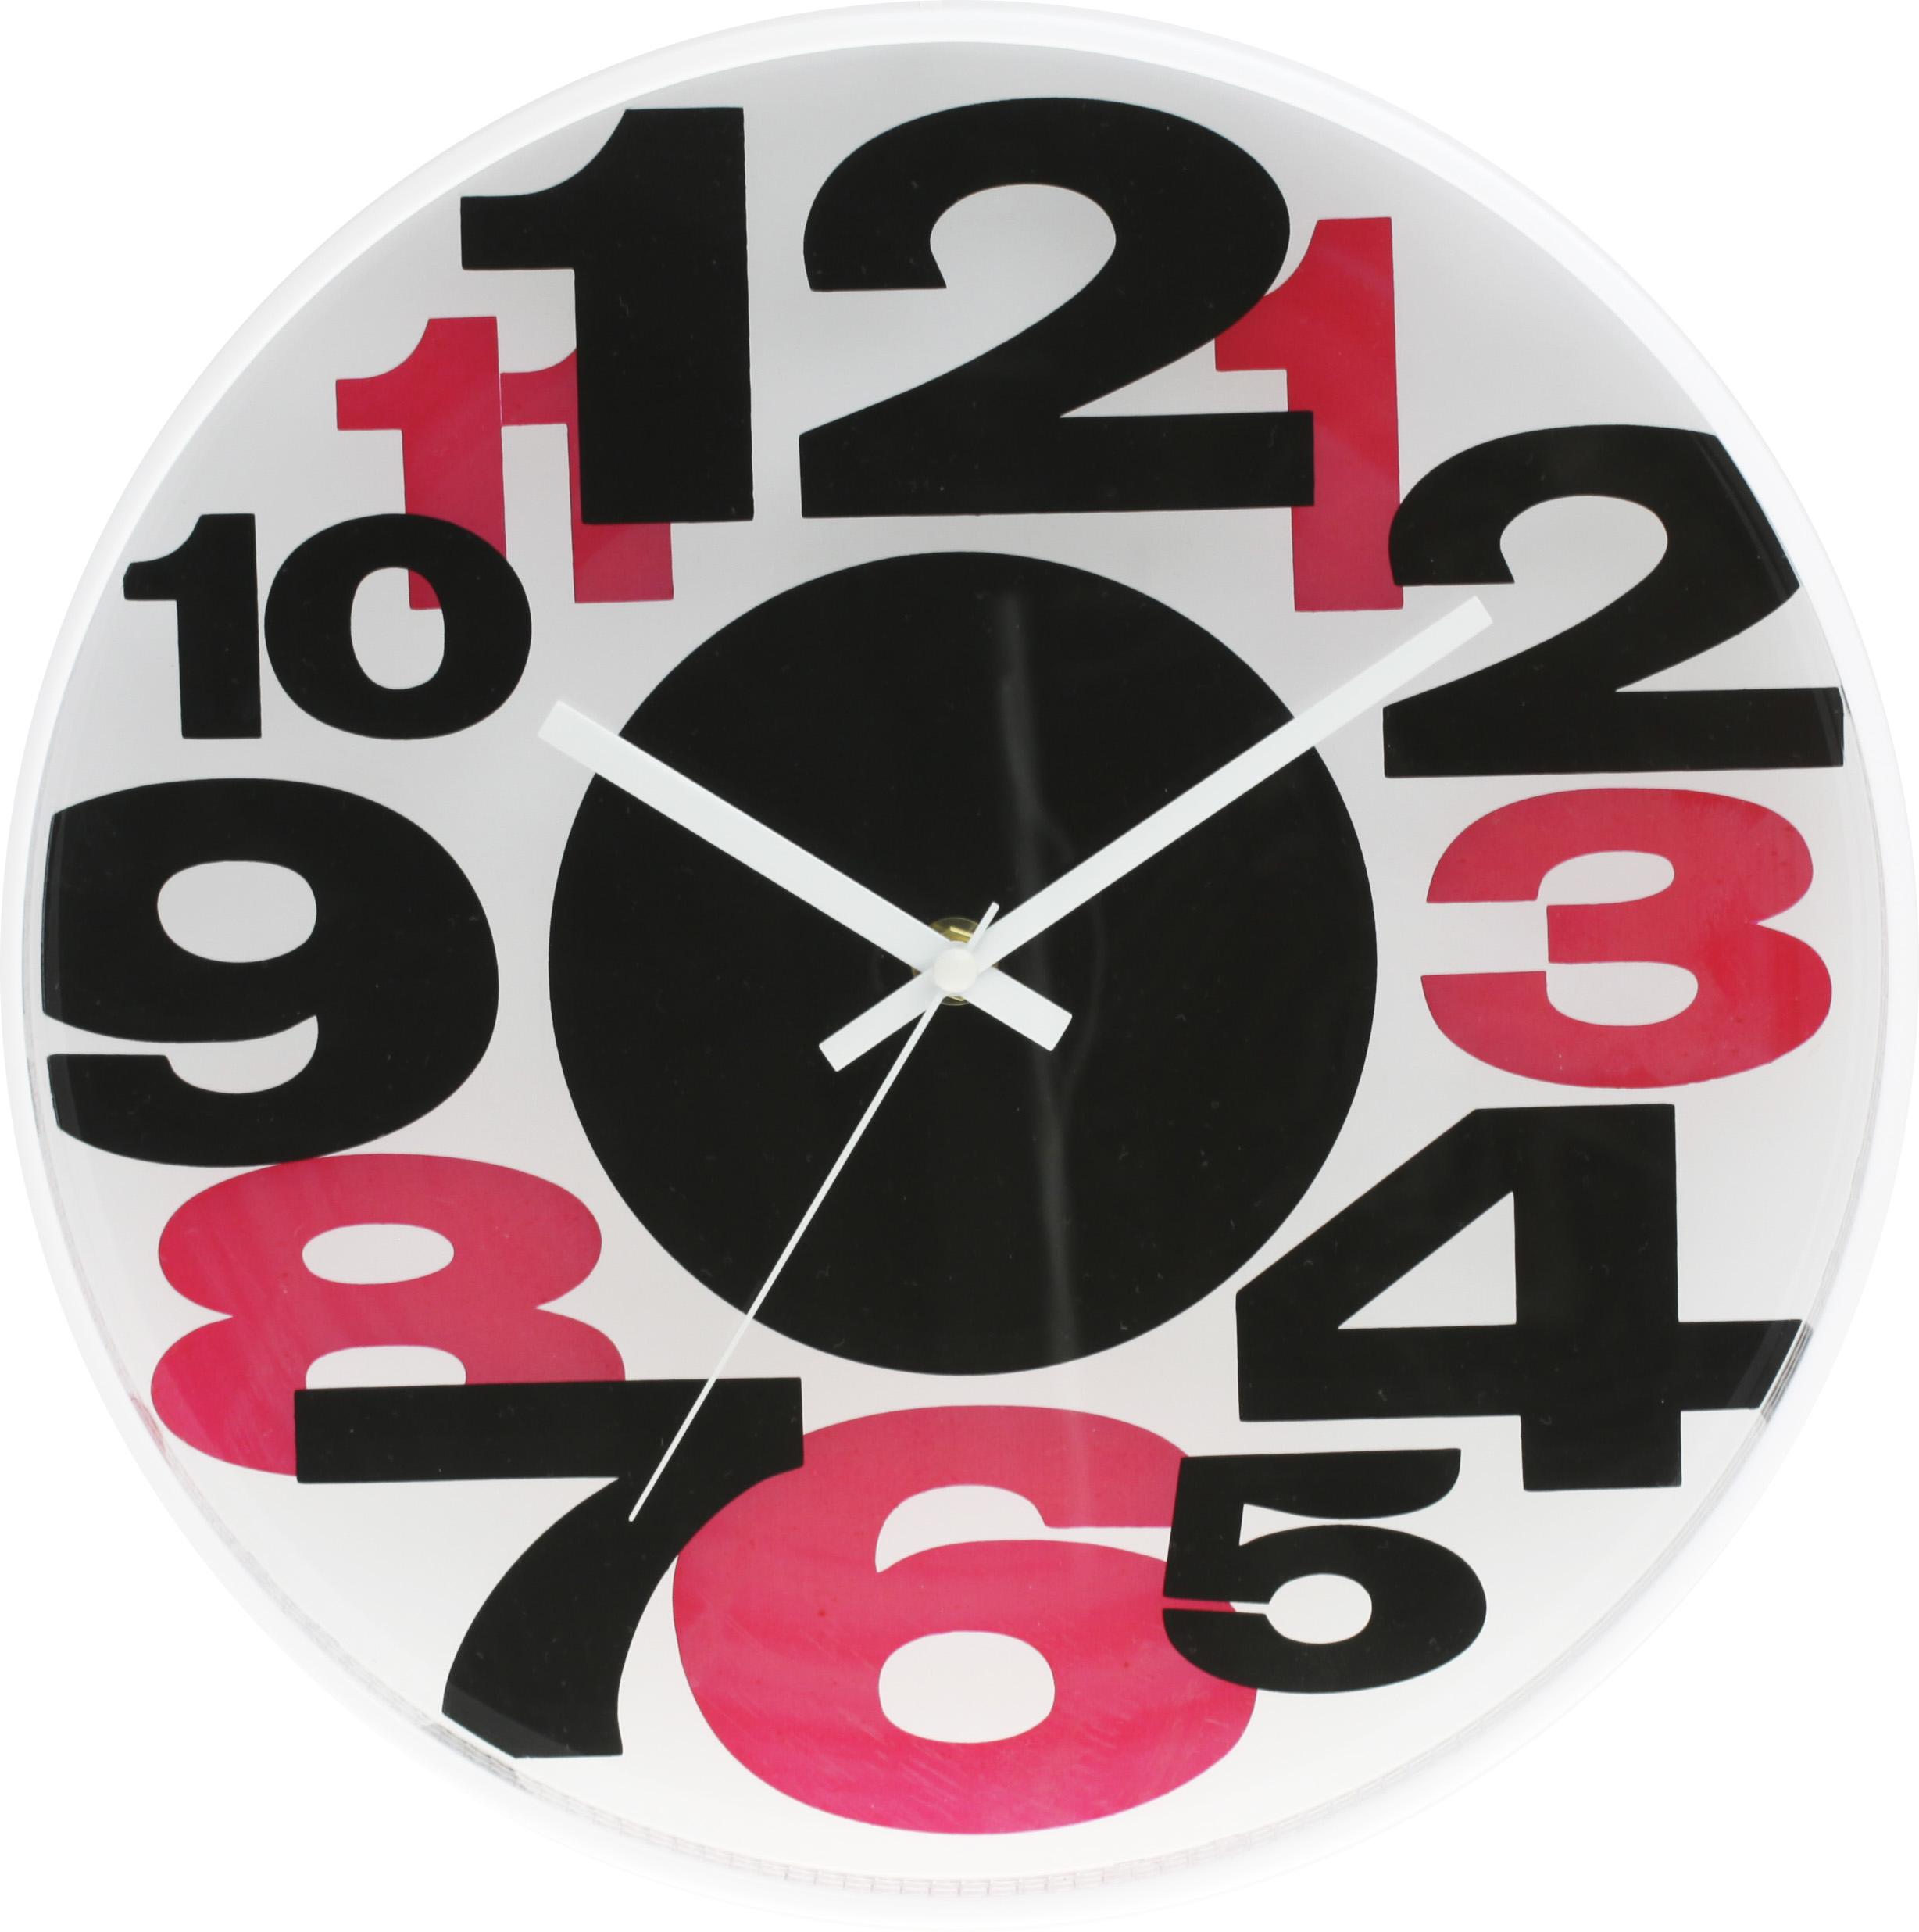 Pestré barvené dětské hodiny MPM E01.3233.9020 - černá/červená